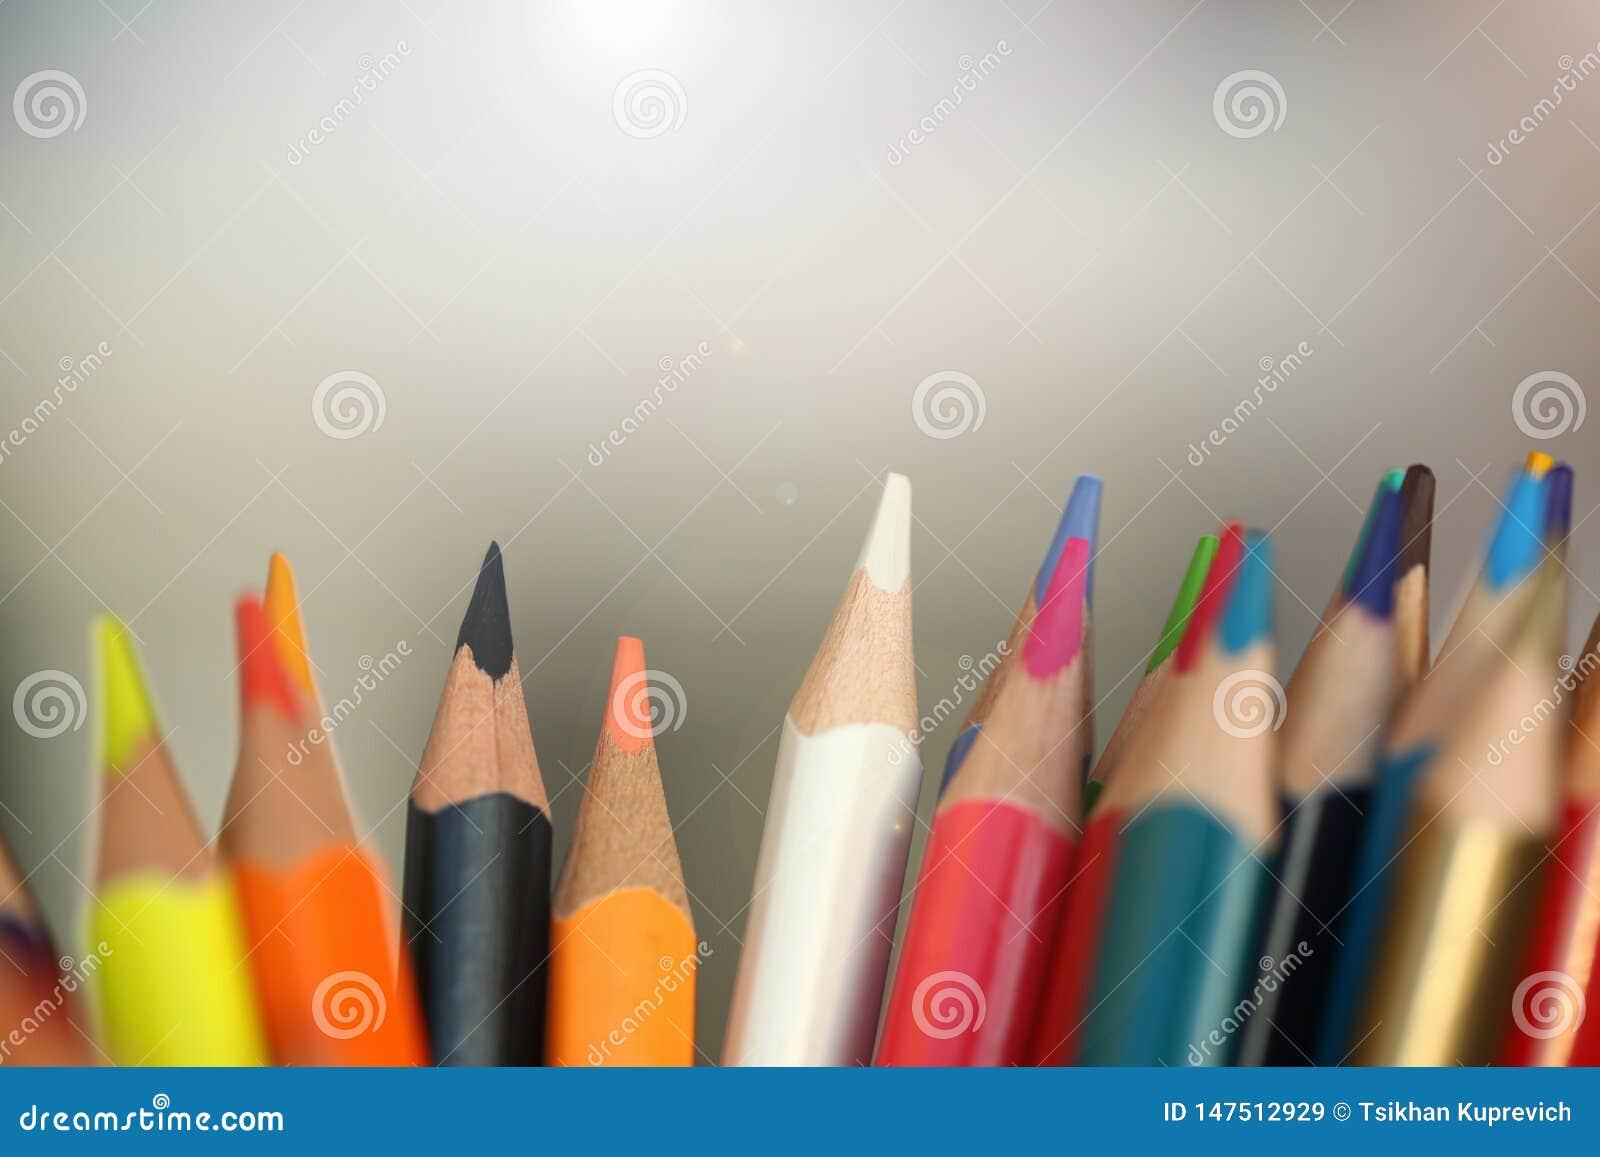 Χρωματισμένα μολύβια πολλά διαφορετική εκπαιδευτική έννοια απόψεων